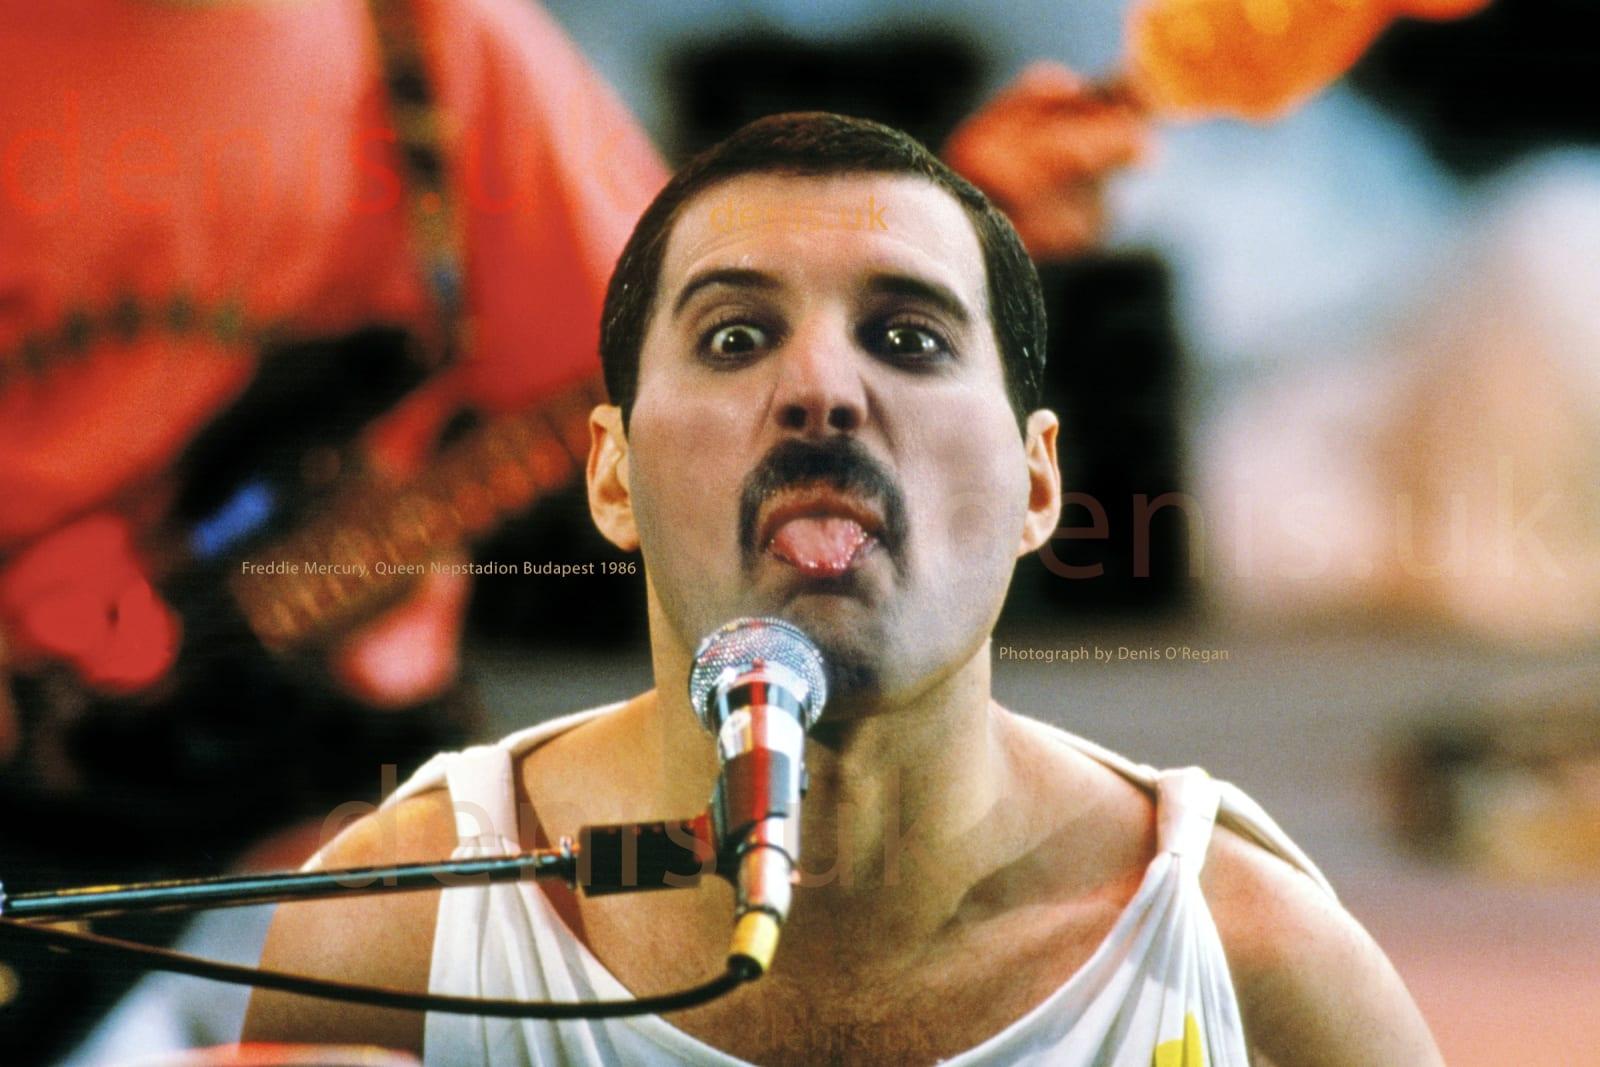 QUEEN, Freddie Mercury Live Budapest, 1986